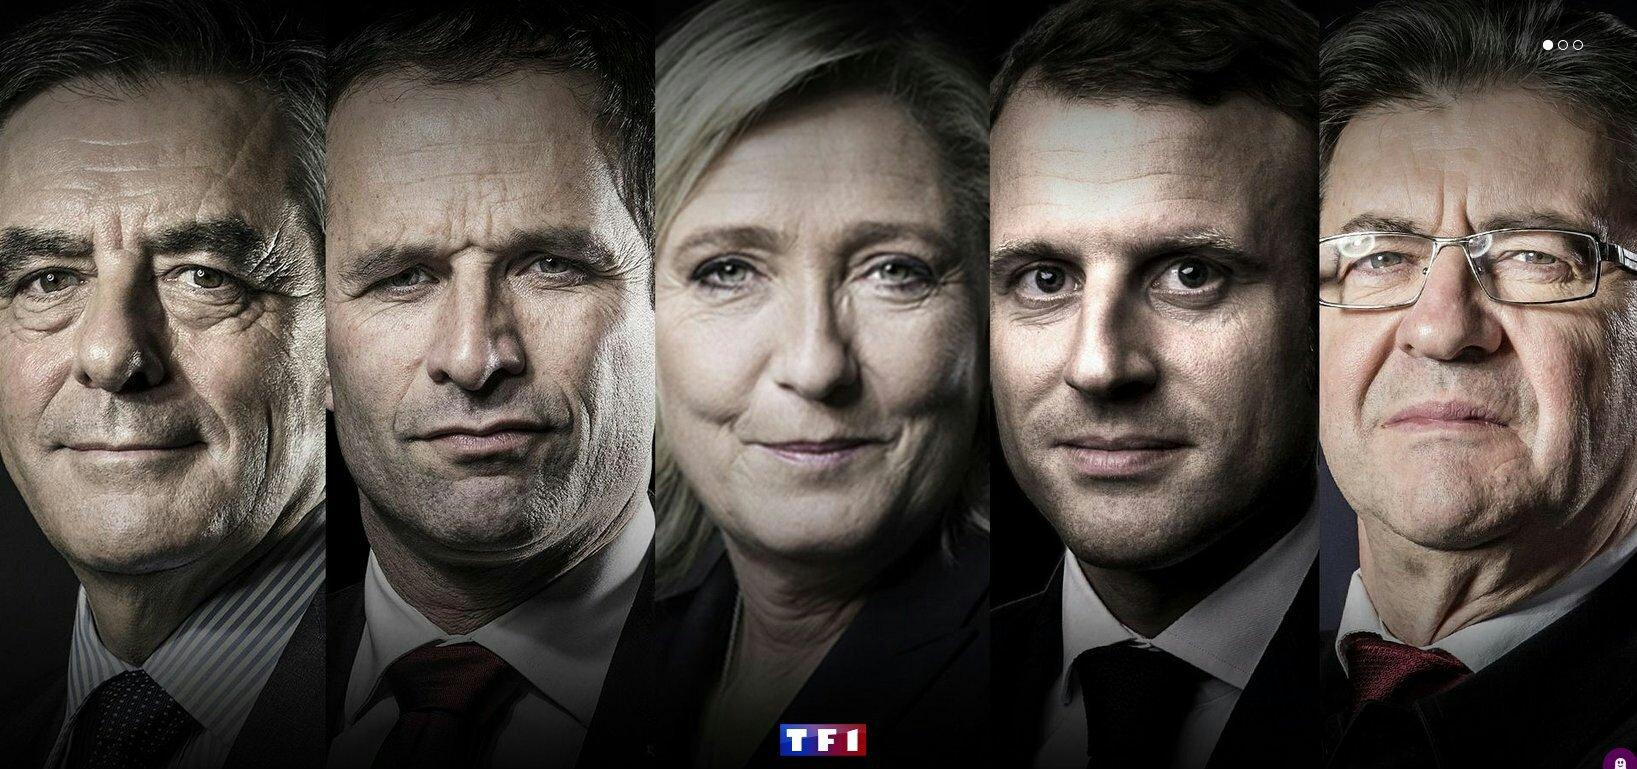 En fait, le #DebatTF1, c'est un débat entre serial killers, c'est ça ? https://t.co/YpobLxuMMK